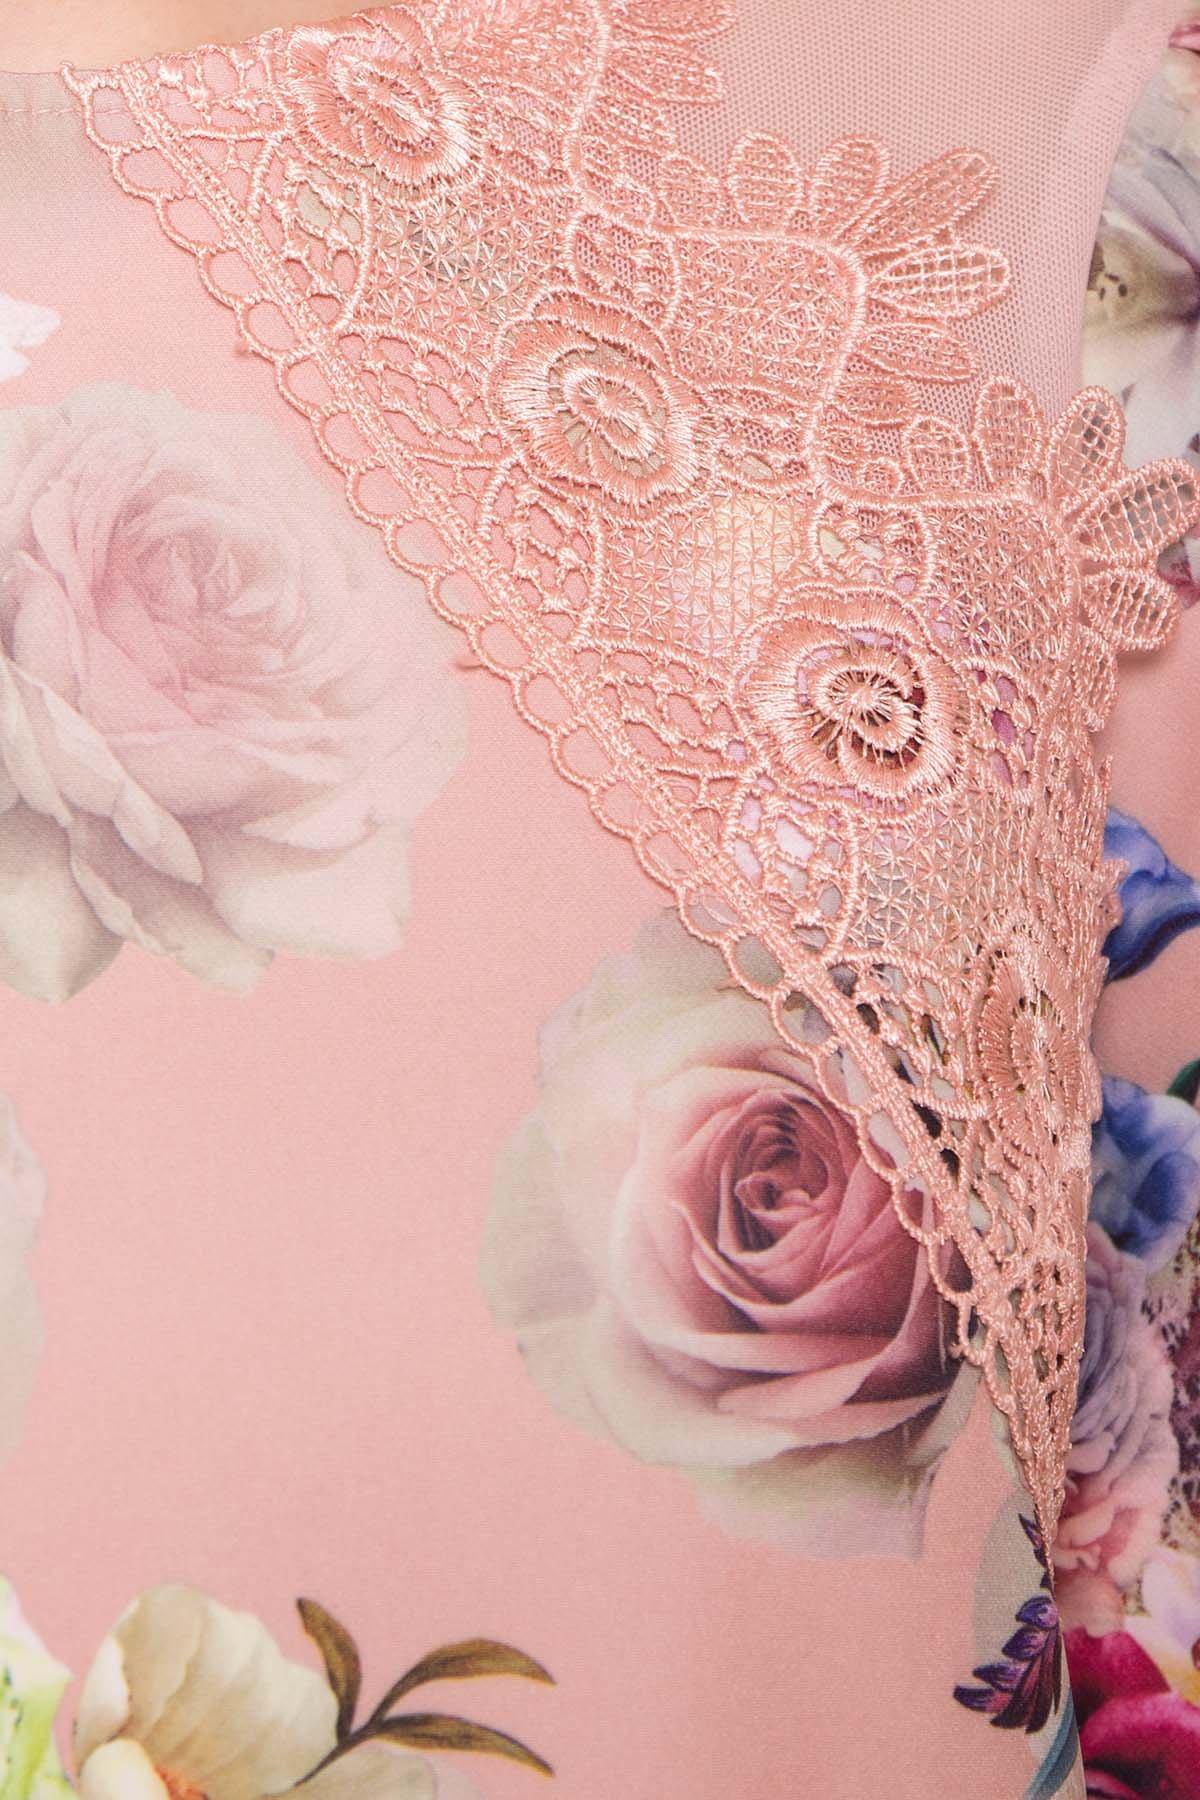 Платье Алексис 6752 АРТ. 41839 Цвет: Пудра Роза - фото 4, интернет магазин tm-modus.ru